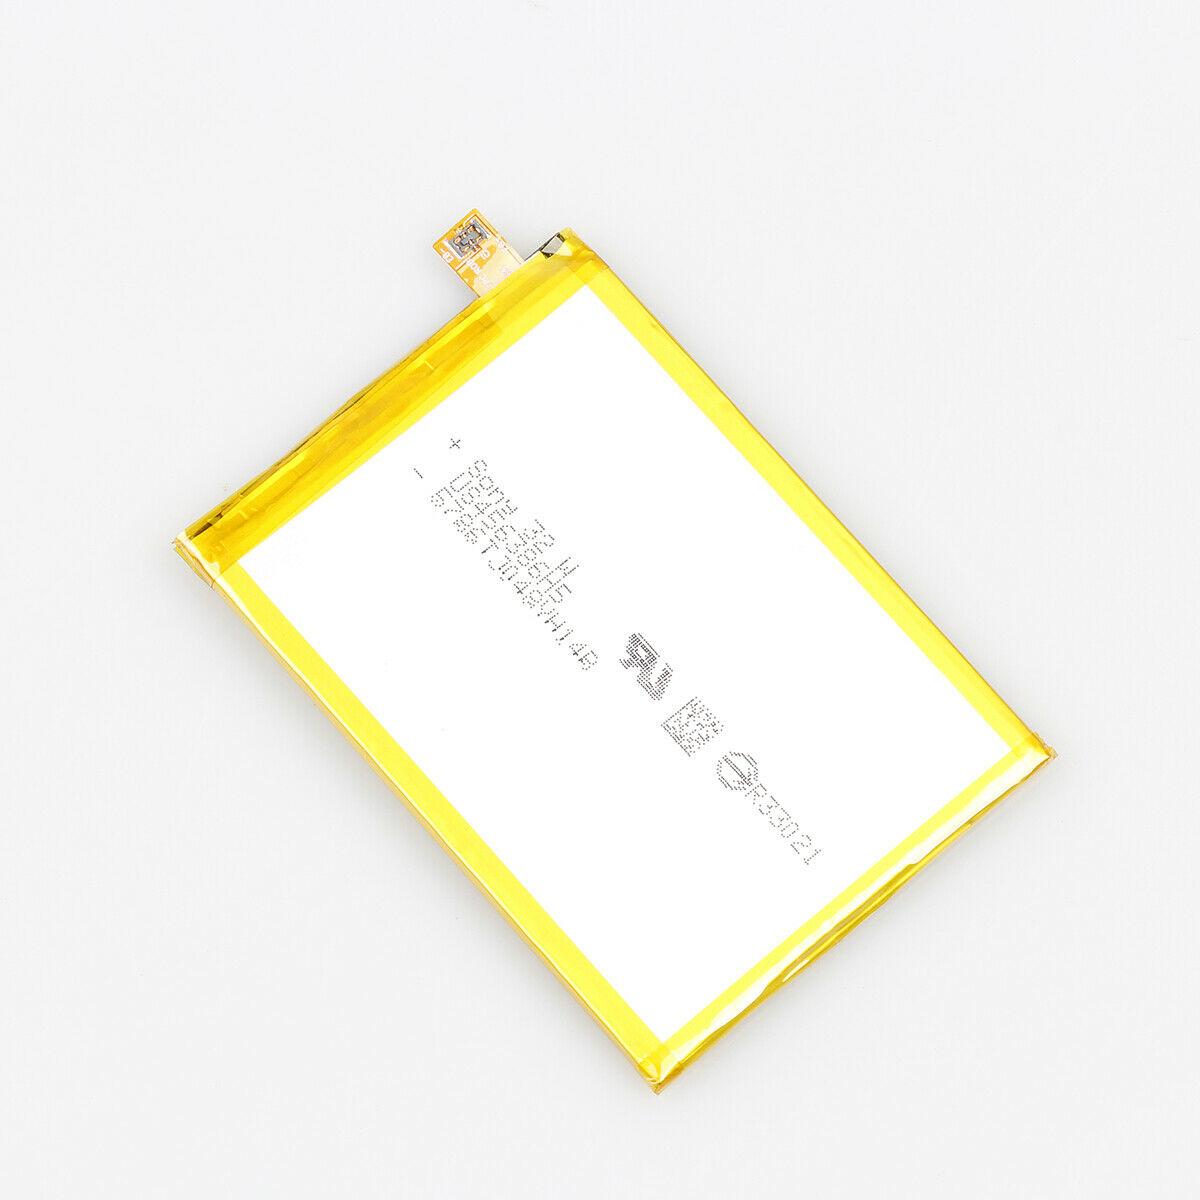 باتری-گوشی-موبایل-سونی-اکسپریا-زد-فایو-پریمیوم-Sony-Xperia-Z5-Premium-E6883-3430mAh-LIS1605ERPC....jpg